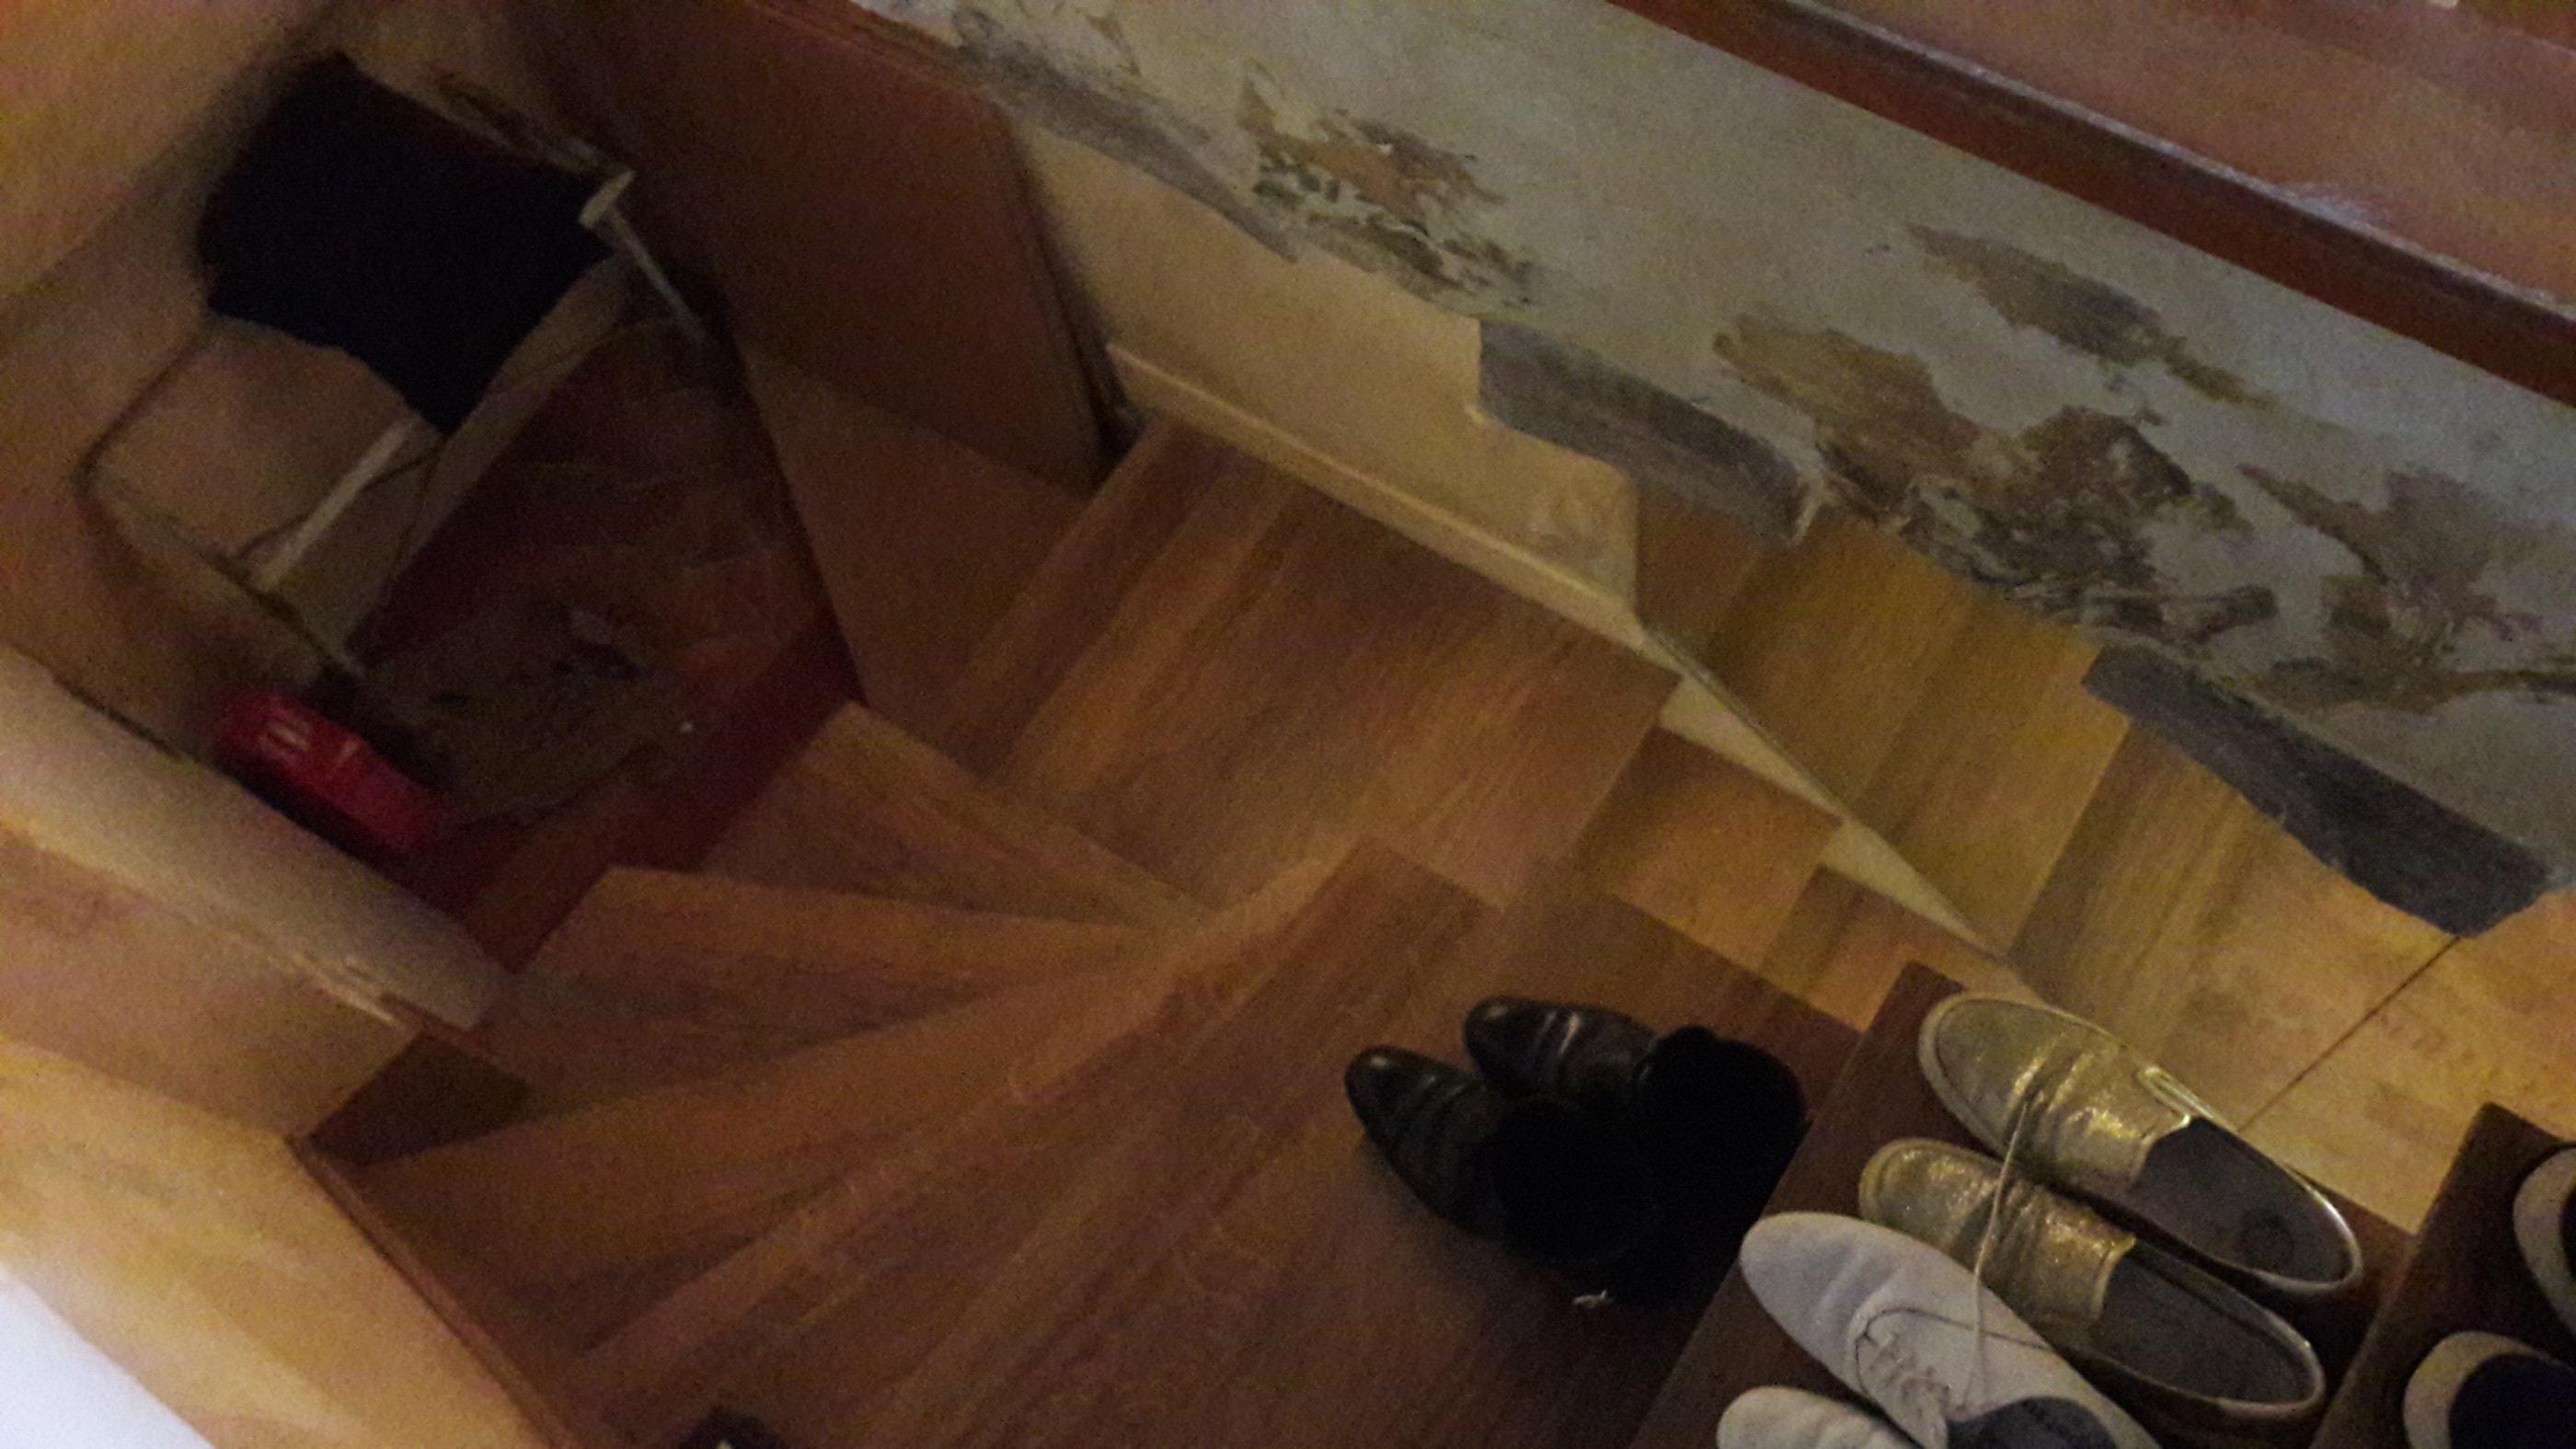 Entrée - Cage d'escalier Avant travaux de rénovation